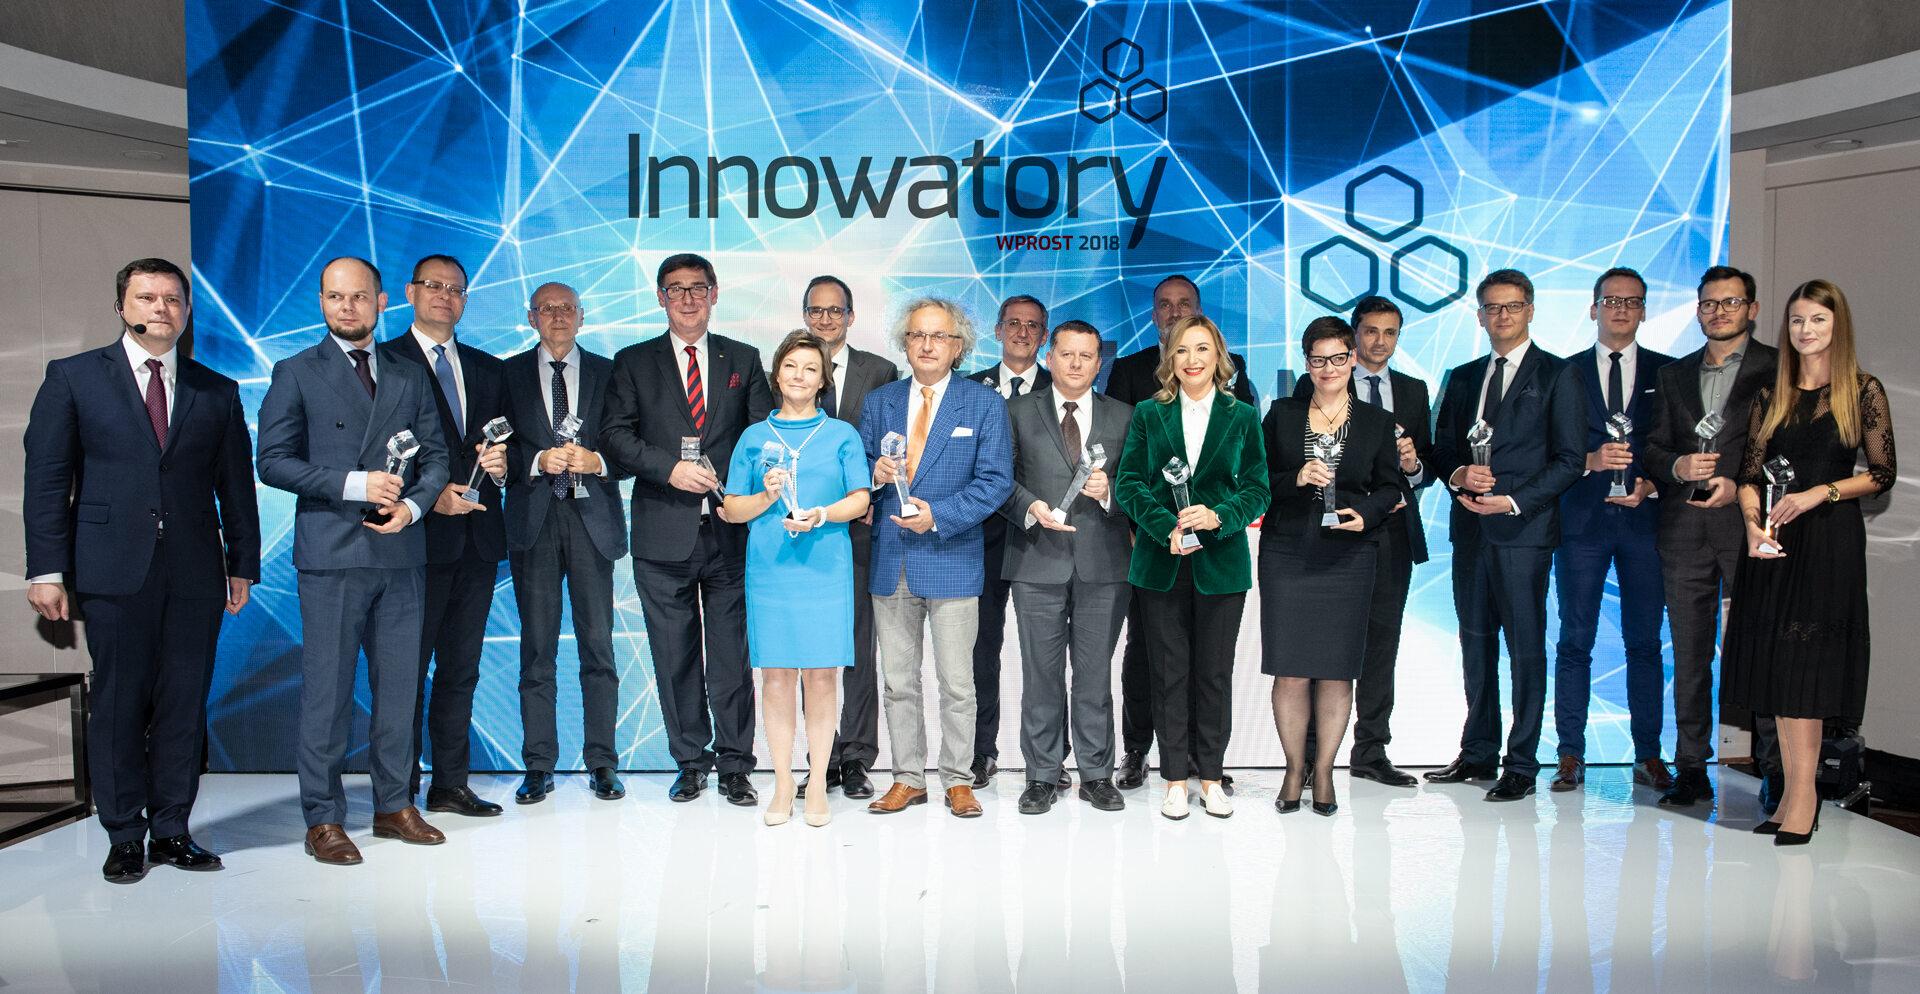 Laureaci VIII edycji Nagrody Innowatory Wprost 2018